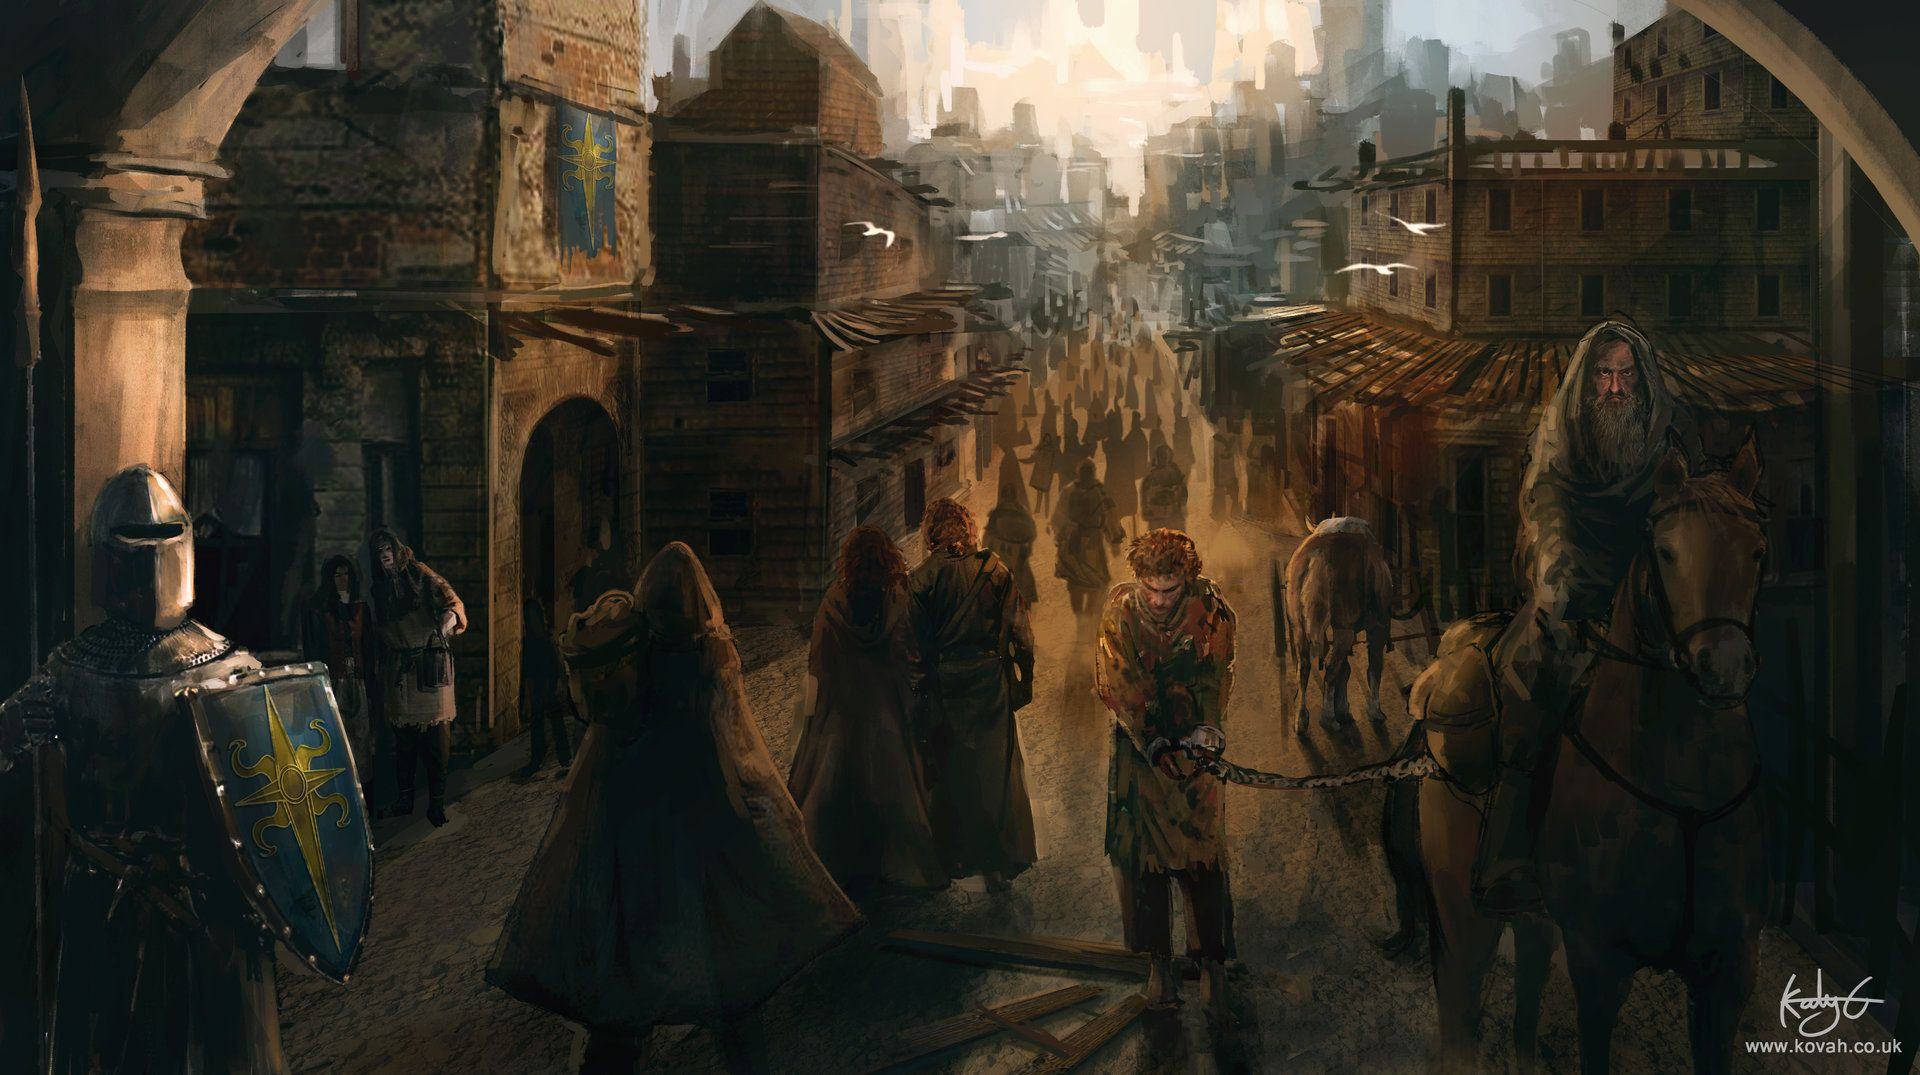 Oprya, et son marché aux esclave. B69988fc58d43a6e769a78e8528e7767